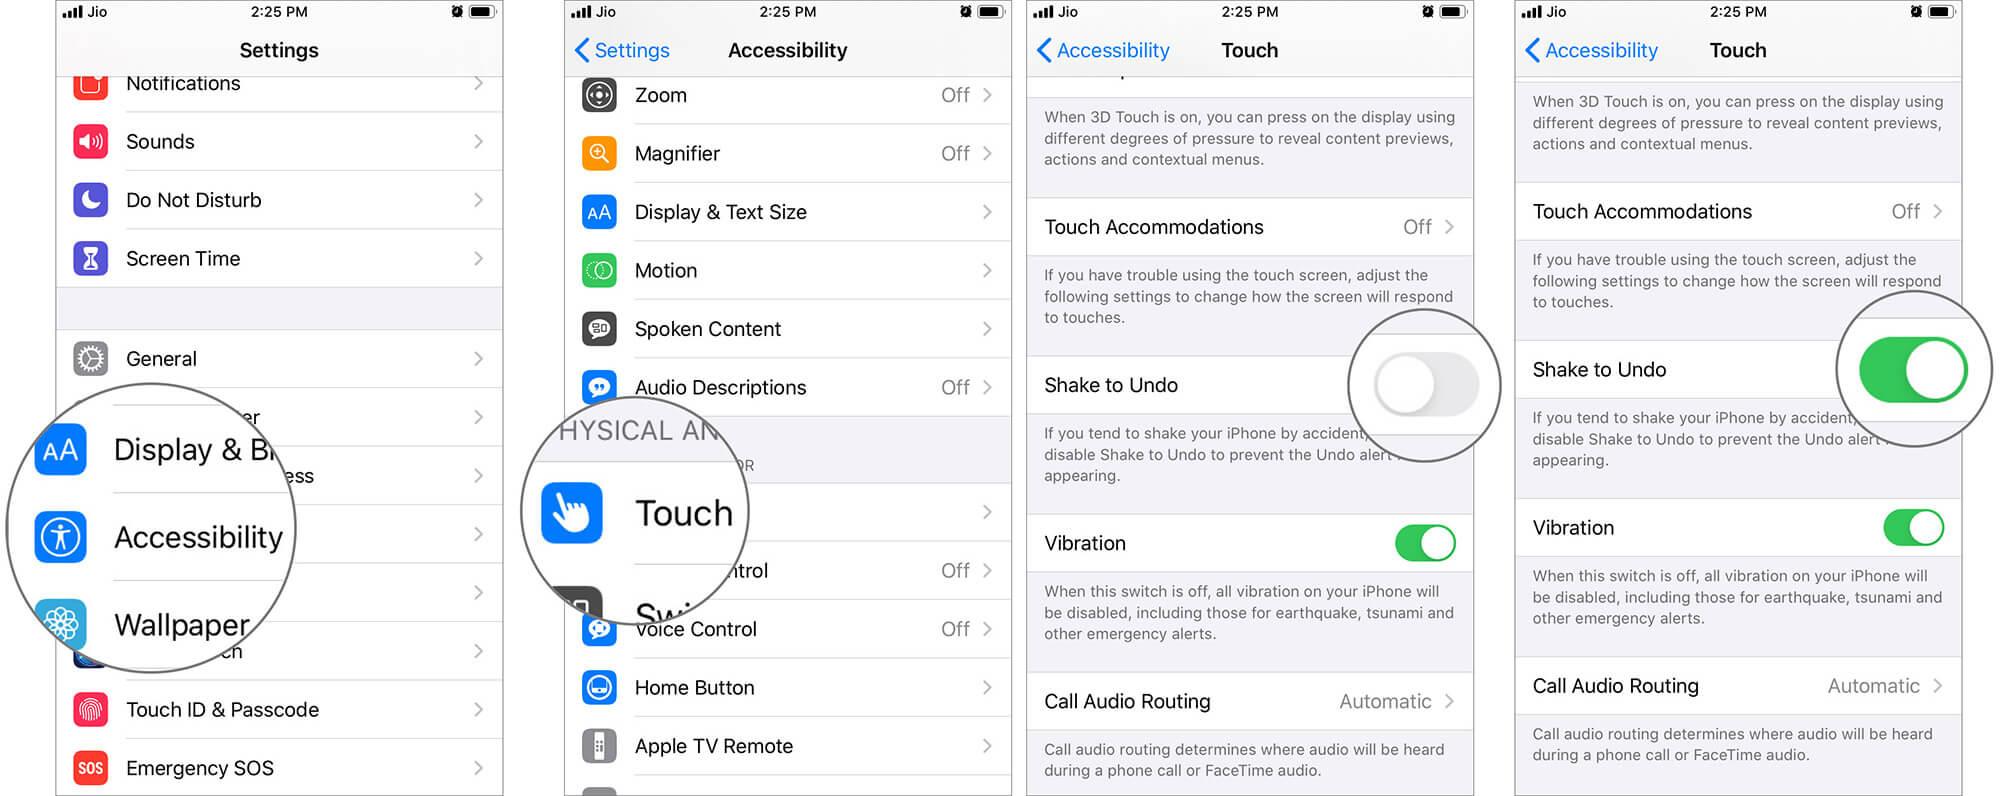 Turn ON Shake to Undo in iOS 13 Settings